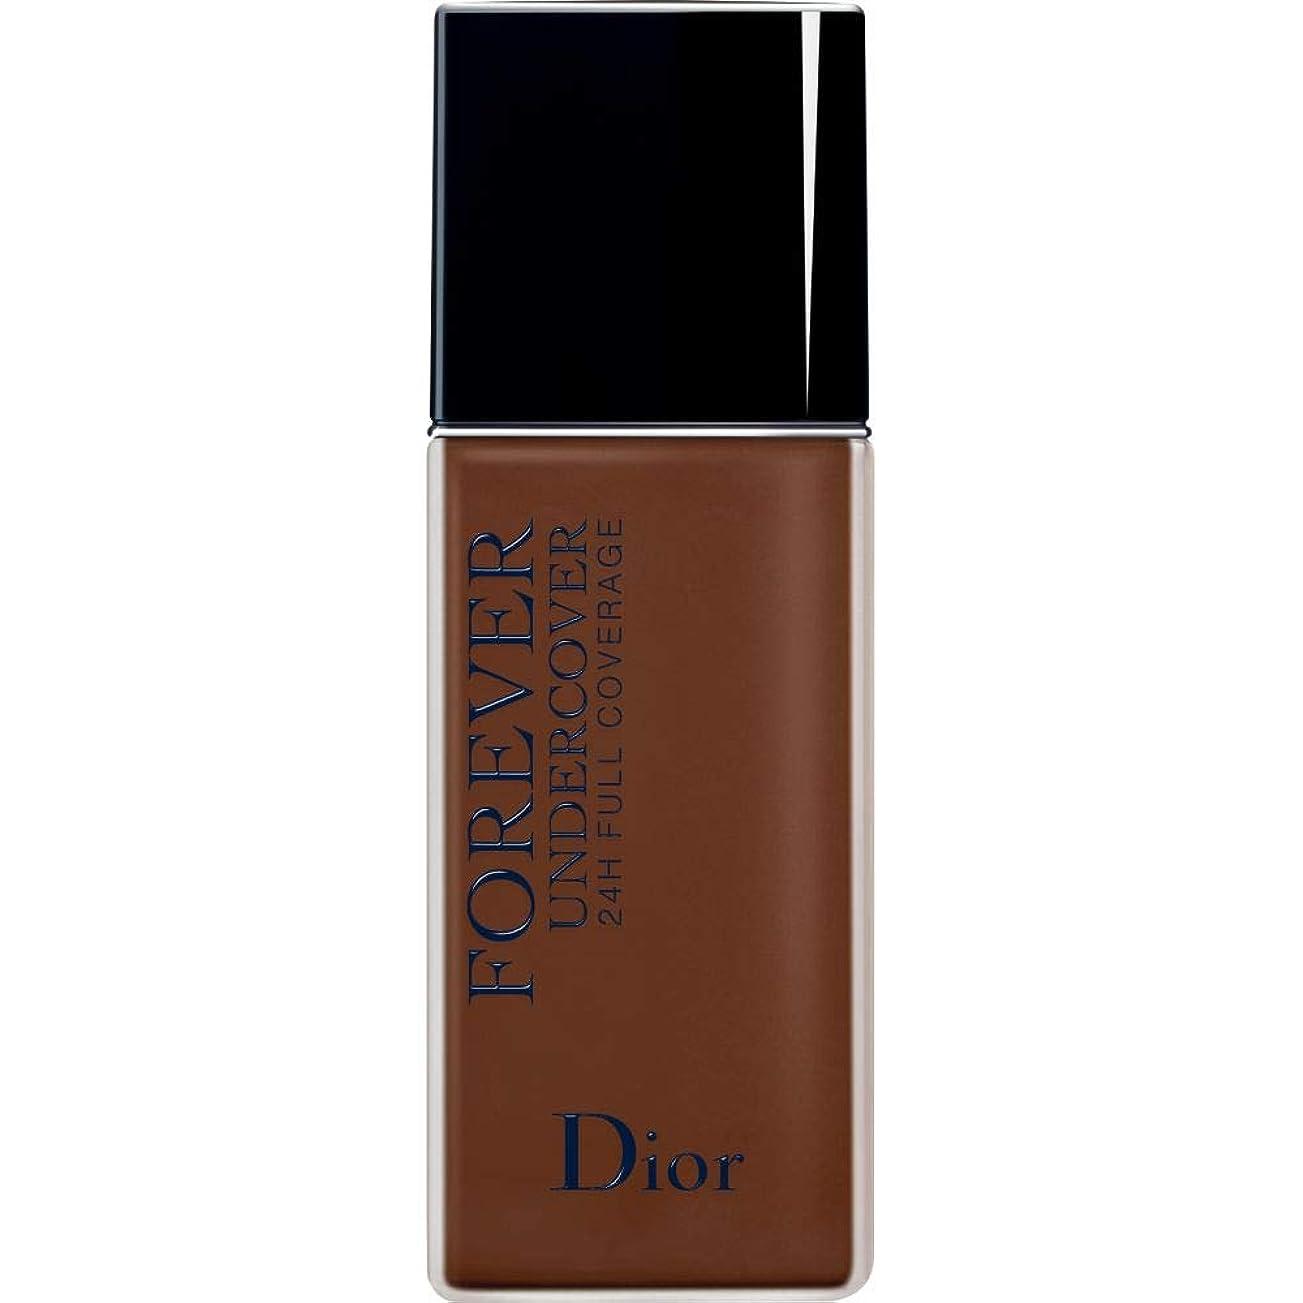 泳ぐ刈るフォーラム[Dior ] ディオールディオールスキン永遠アンダーカバーフルカバーの基礎40ミリリットル080 - 黒檀 - DIOR Diorskin Forever Undercover Full Coverage Foundation 40ml 080 - Ebony [並行輸入品]